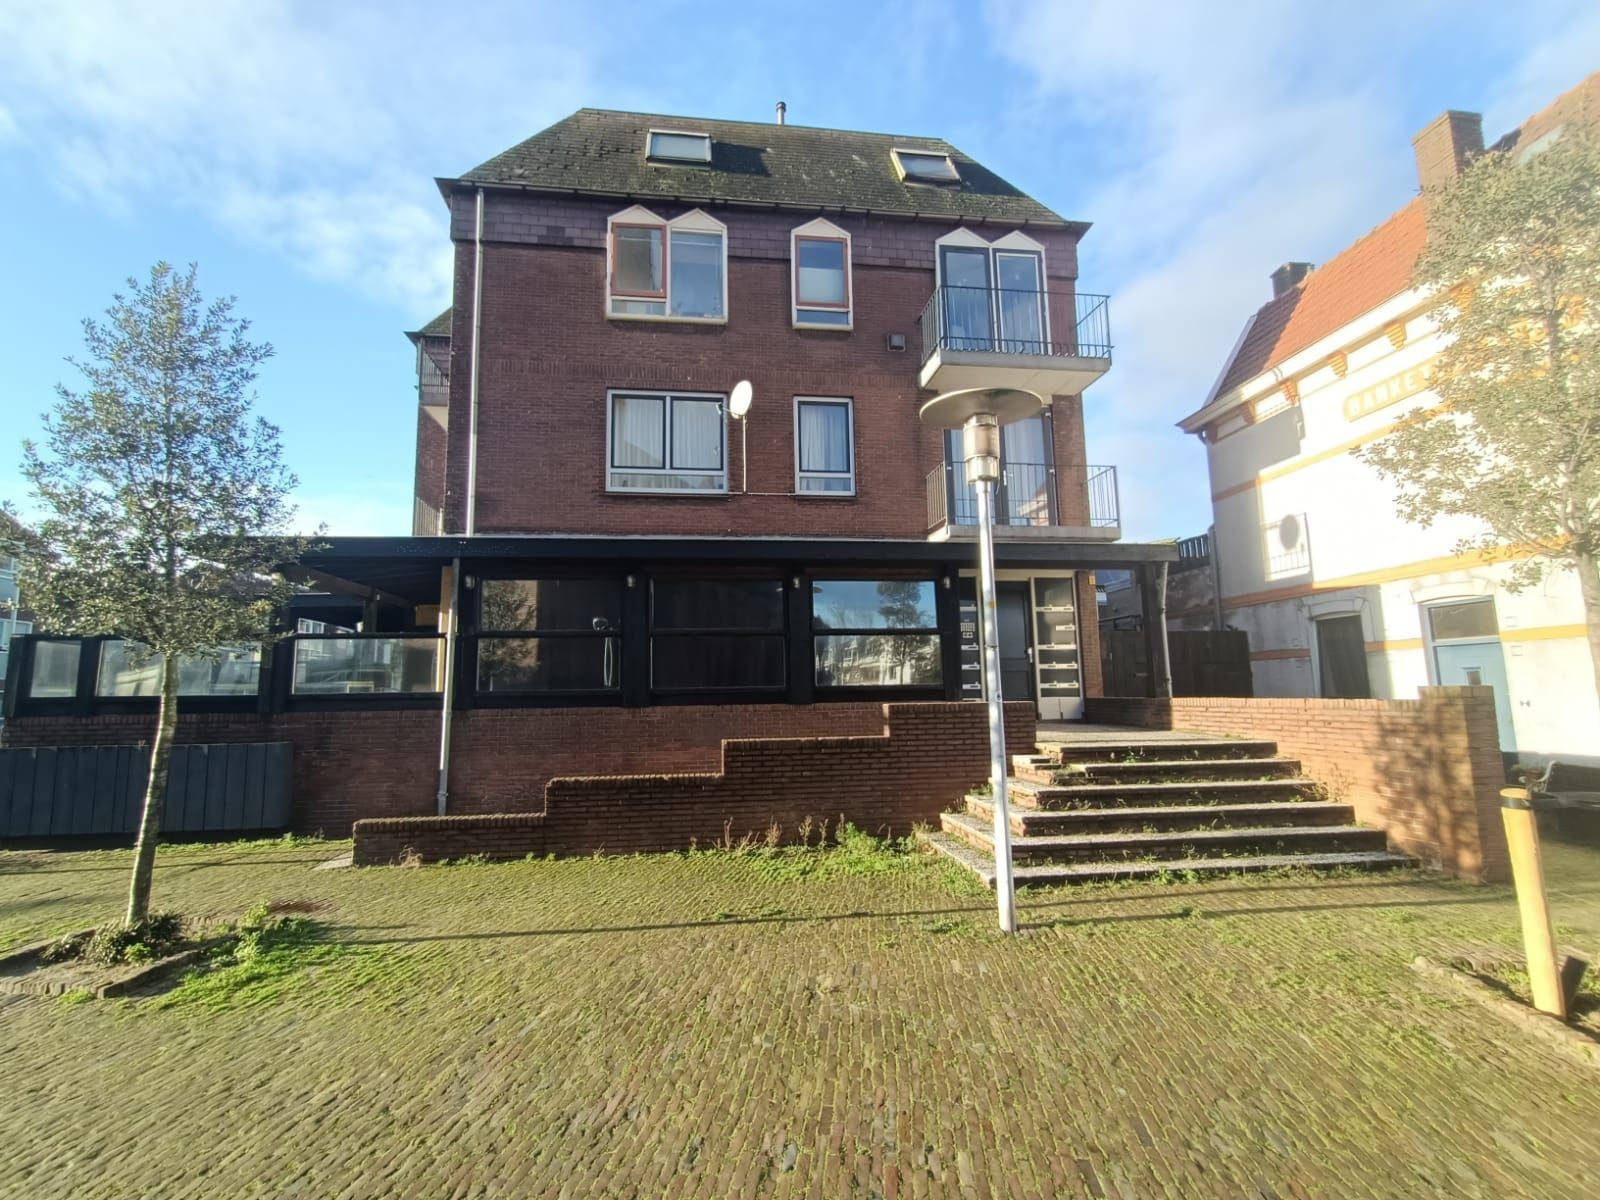 de Zwaanstraat 30, Wijk aan Zee